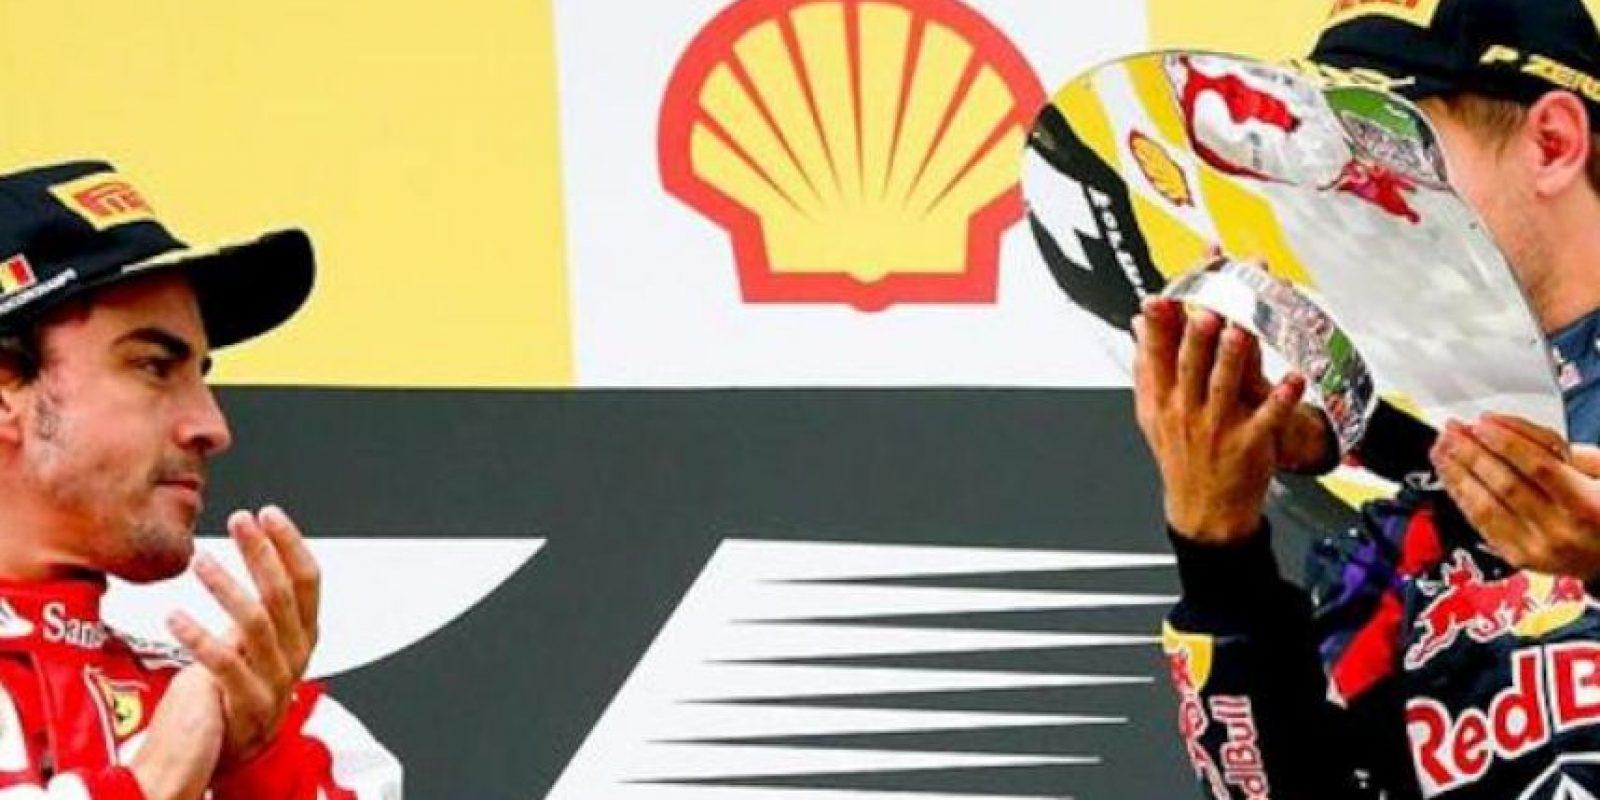 El piloto alemán de Fórmula Uno Sebastian Vettel de Red Bull celebra su triunfo junto al español Fernando Alonso de Ferrari (iz) y el tercero Lewis Hamilton (d) de Mercedes AMG GP en el Gran Premio de Bélgica en Spa-Francorchamps (Bélgica). EFE